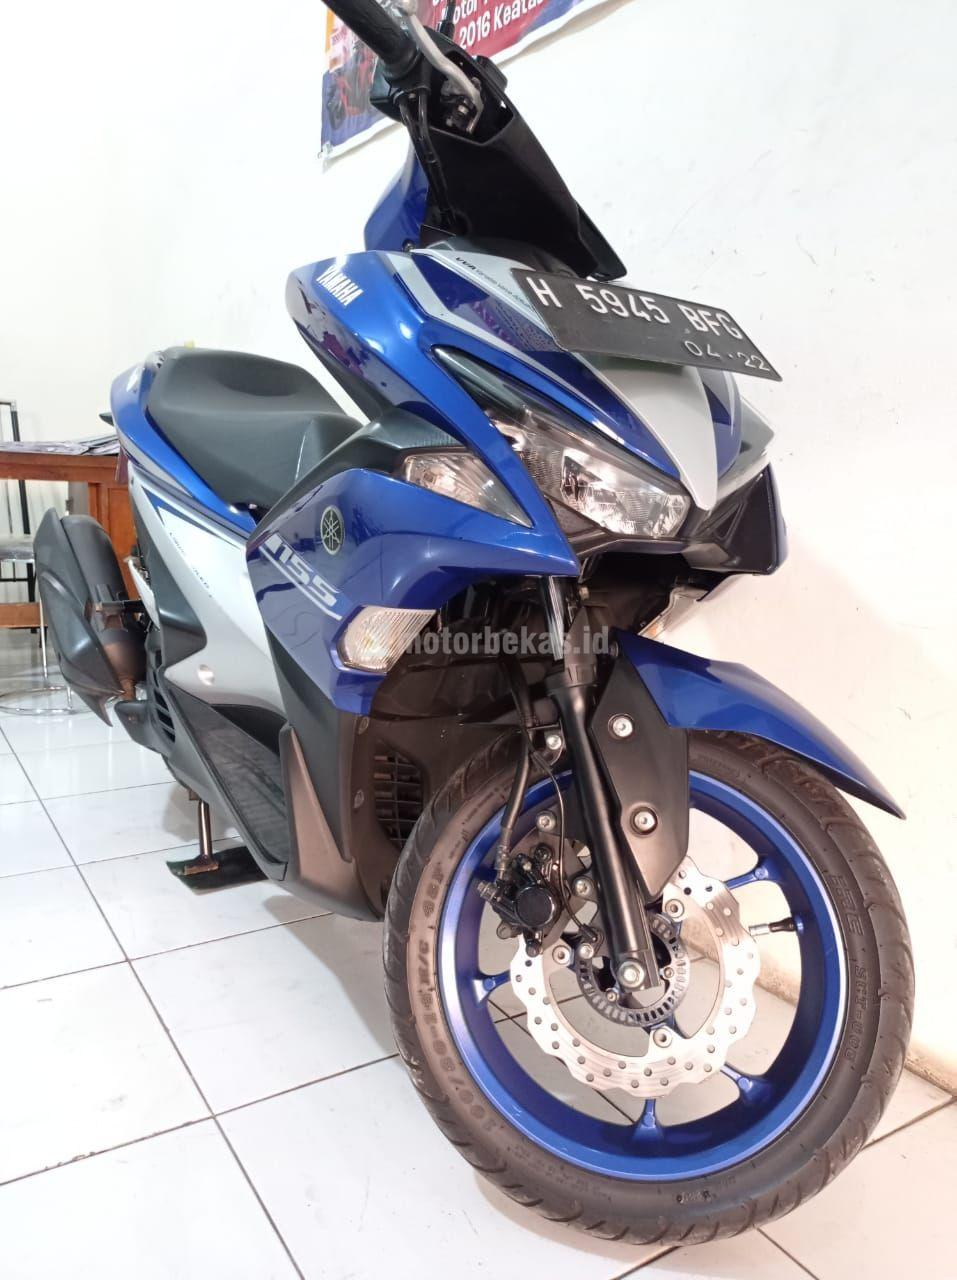 YAMAHA AEROX 155R FI 1041 motorbekas.id